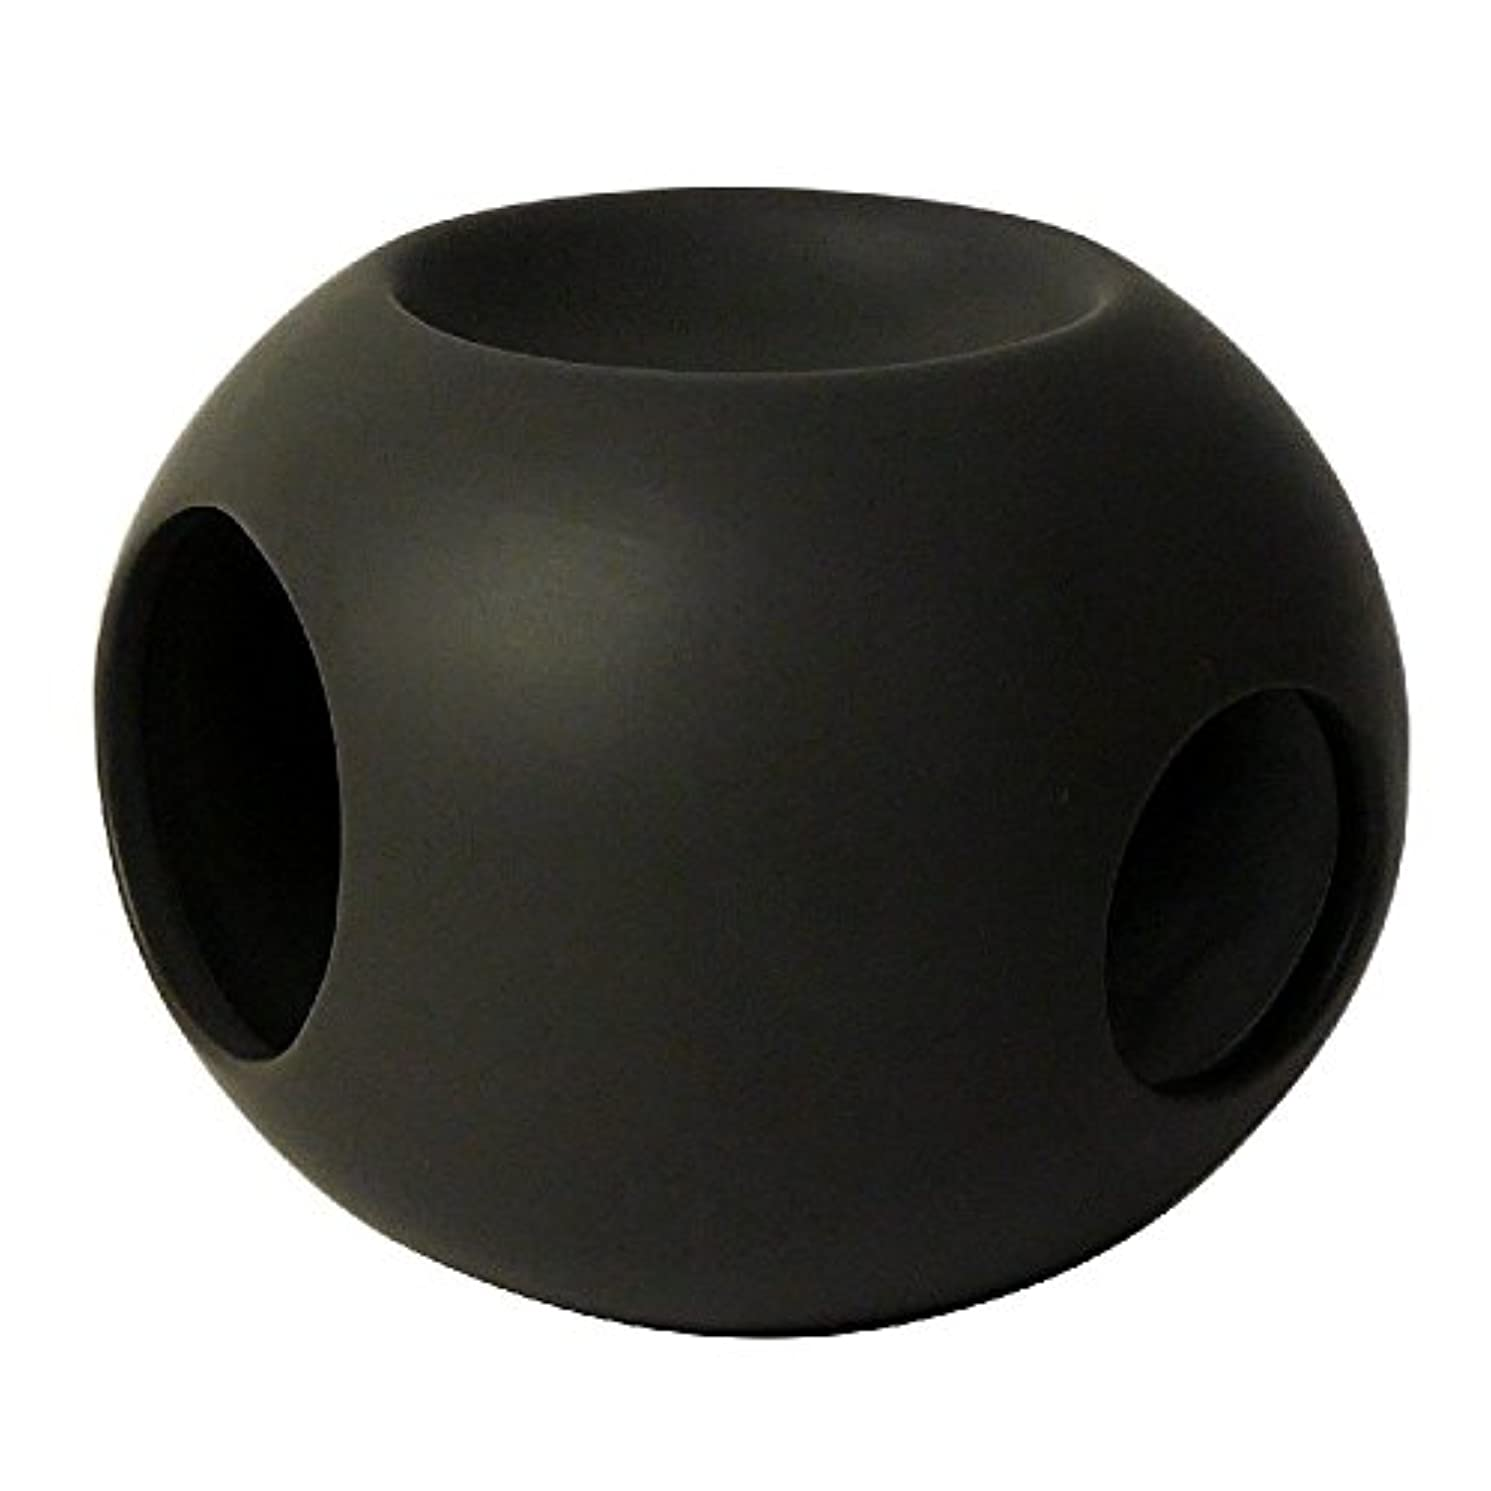 名目上の粘着性項目PASHA アロマポット Round Oil Ball エッセンシャルオイル ユーカリ付き